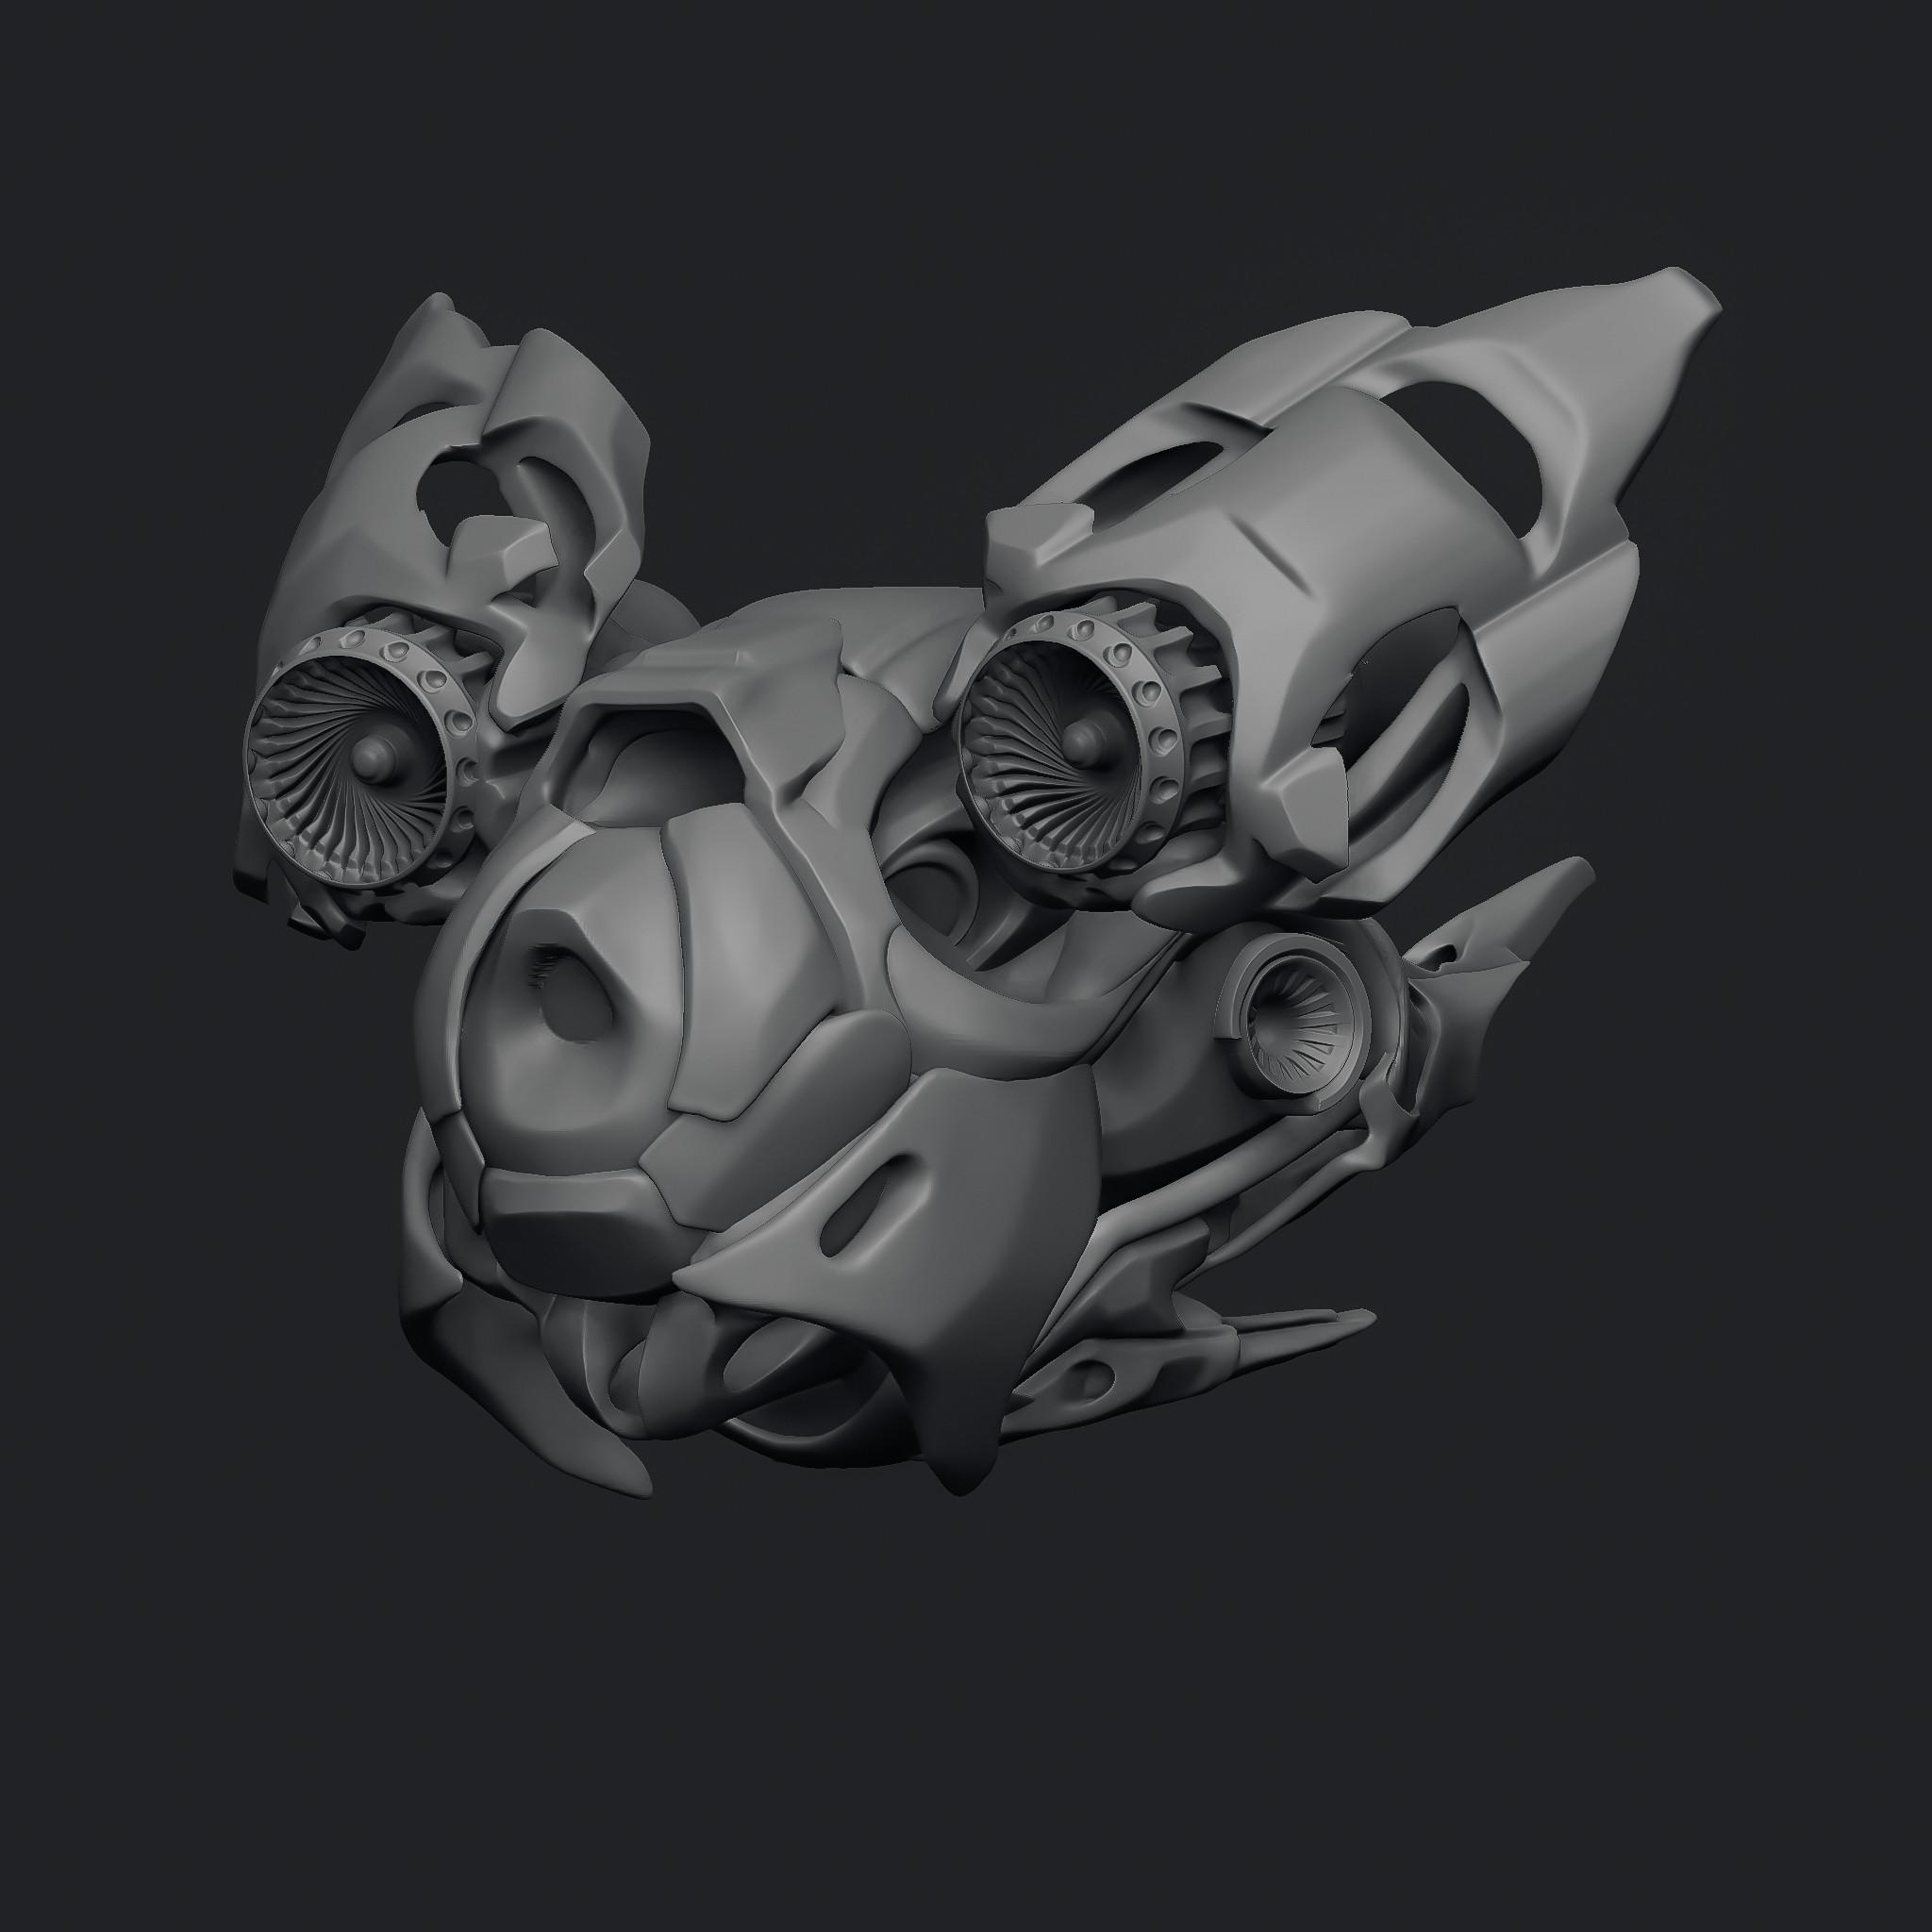 Drone concept sculpt